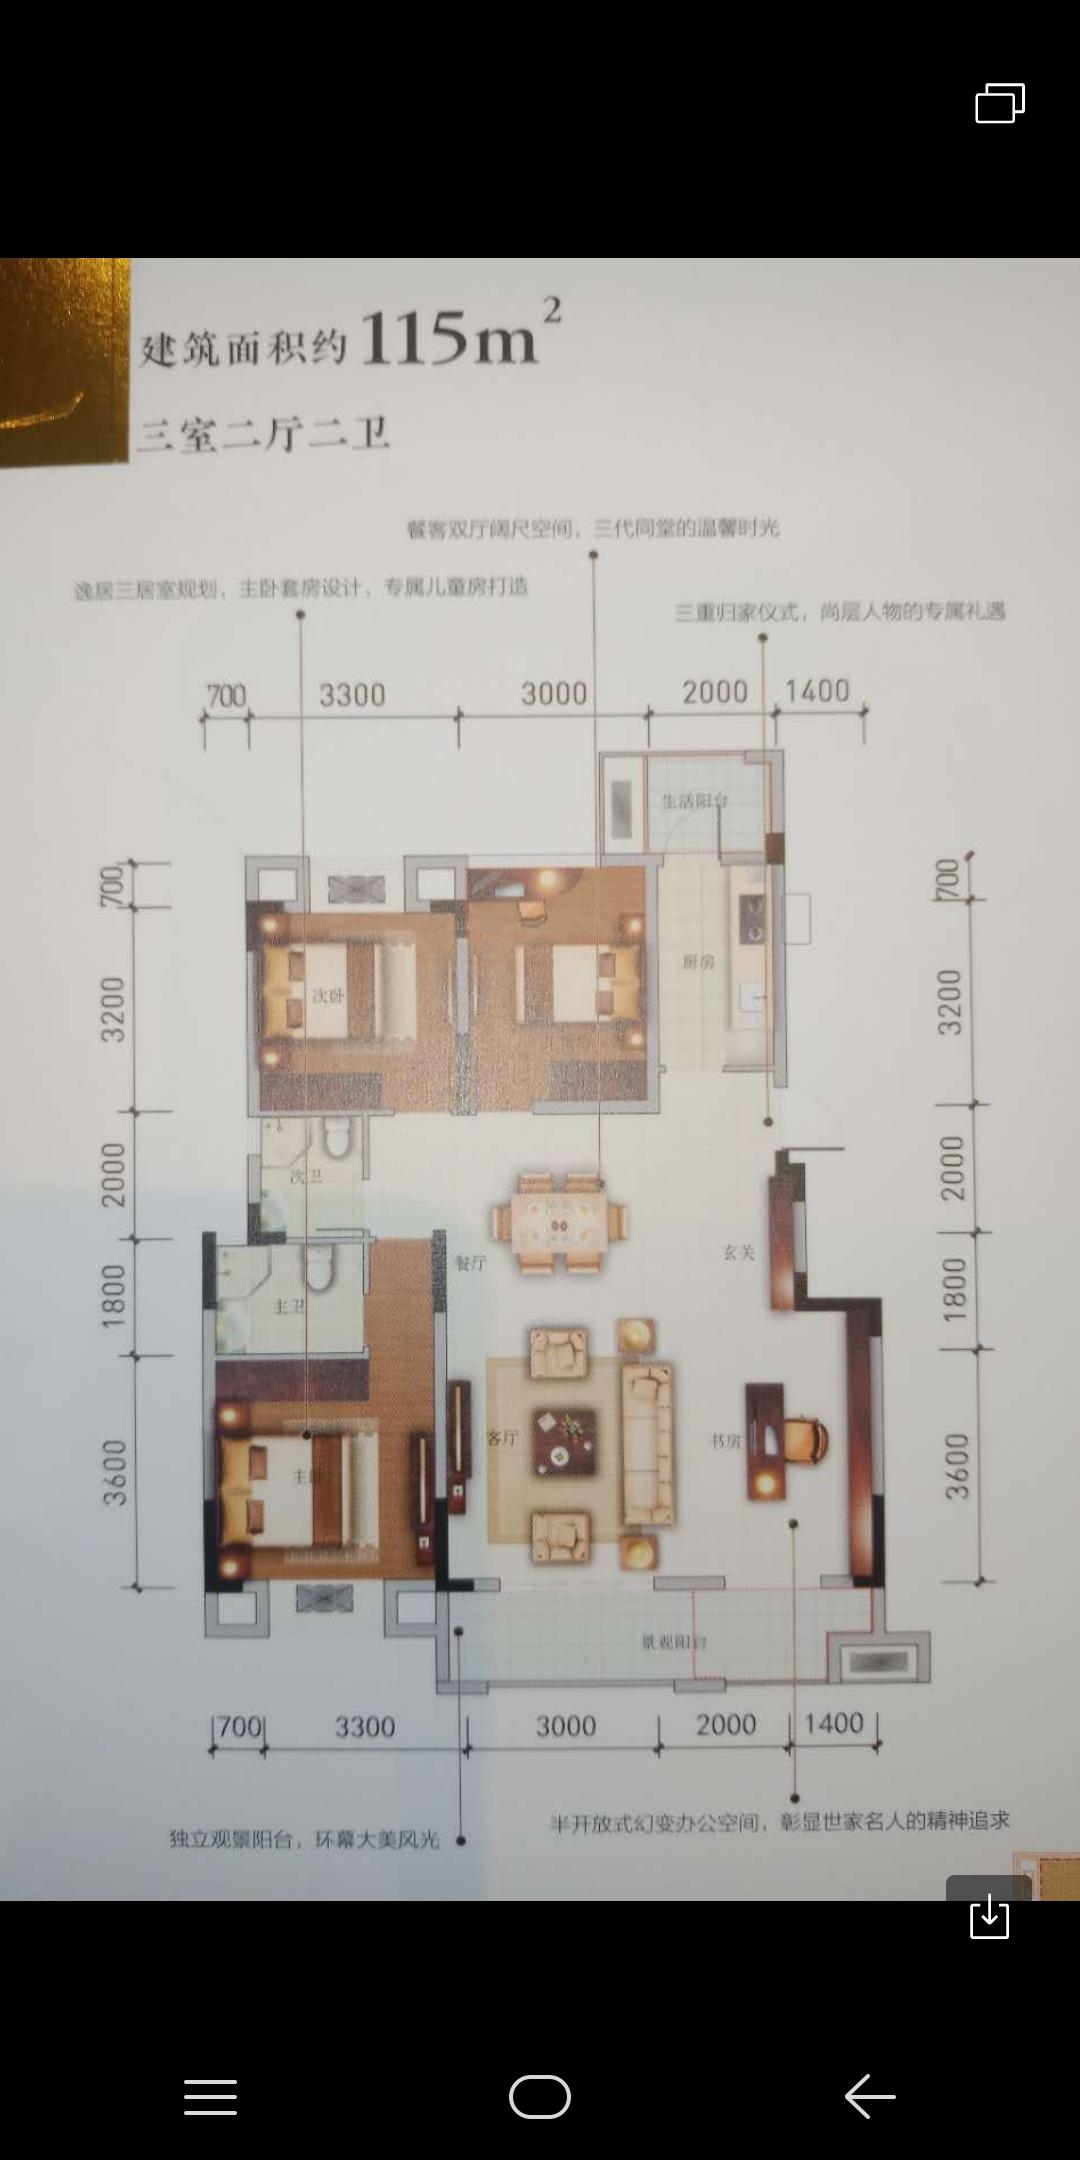 金辉优步花园3室 2厅 2卫100万元